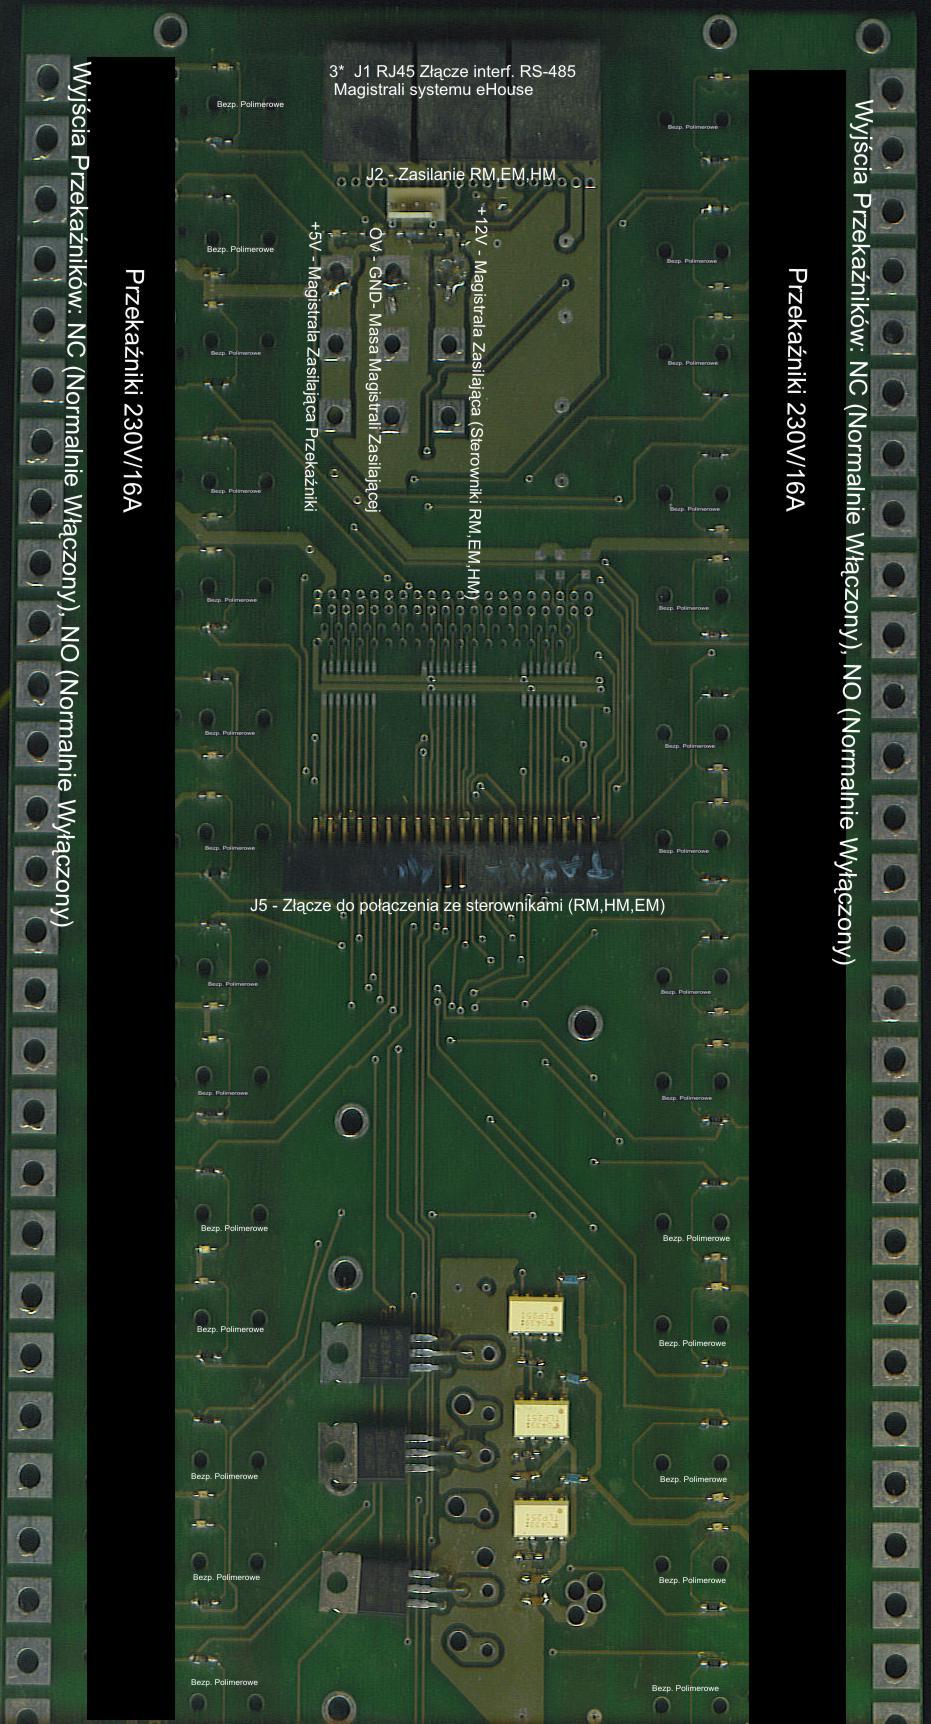 domotique , domotique ehouse - Module de relais pour la commutation d'appareils électriques